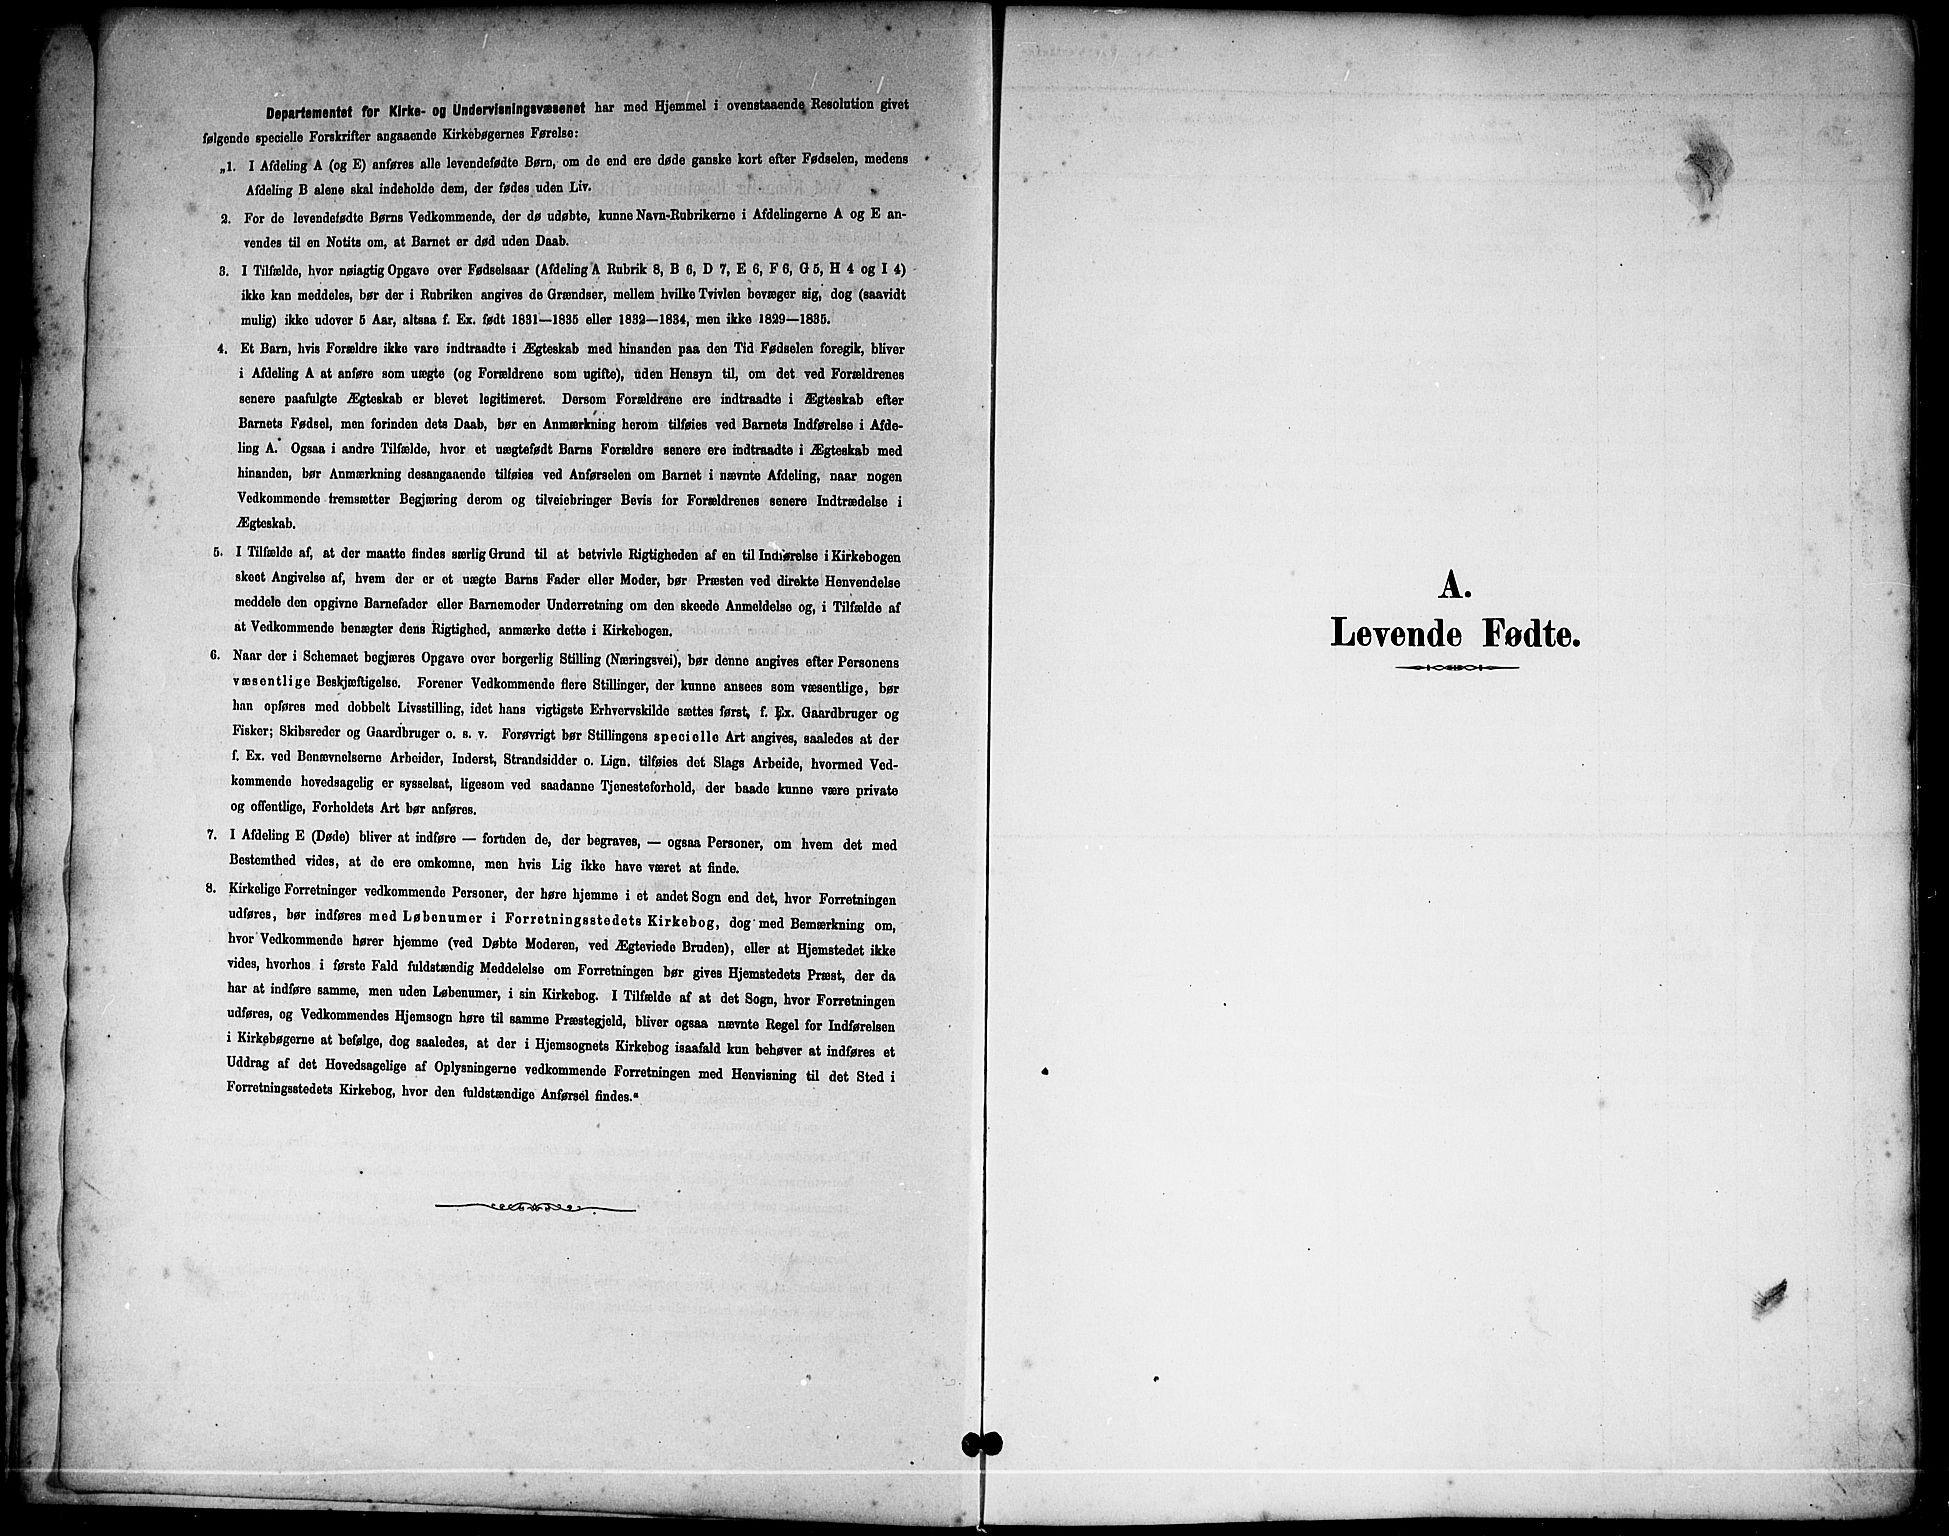 SAKO, Sannidal kirkebøker, G/Ga/L0003: Klokkerbok nr. 3, 1887-1922